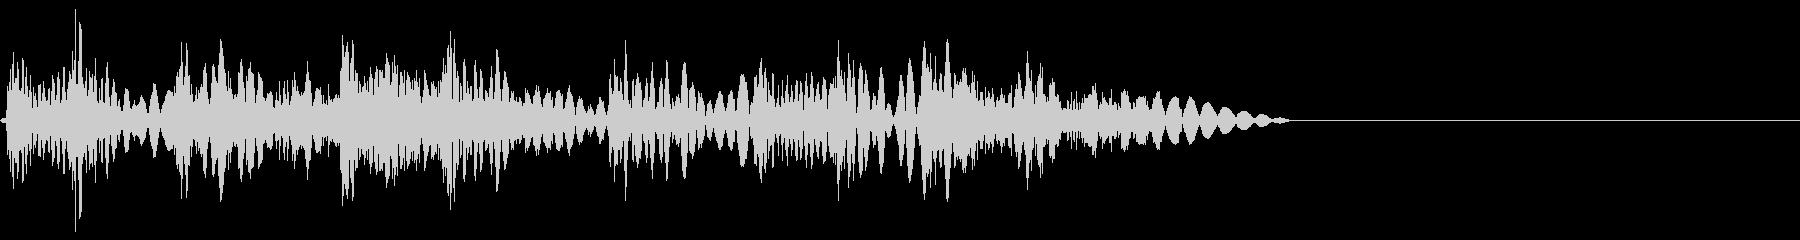 ボコボコビシバシビシッ(ラッシュ攻撃)の未再生の波形